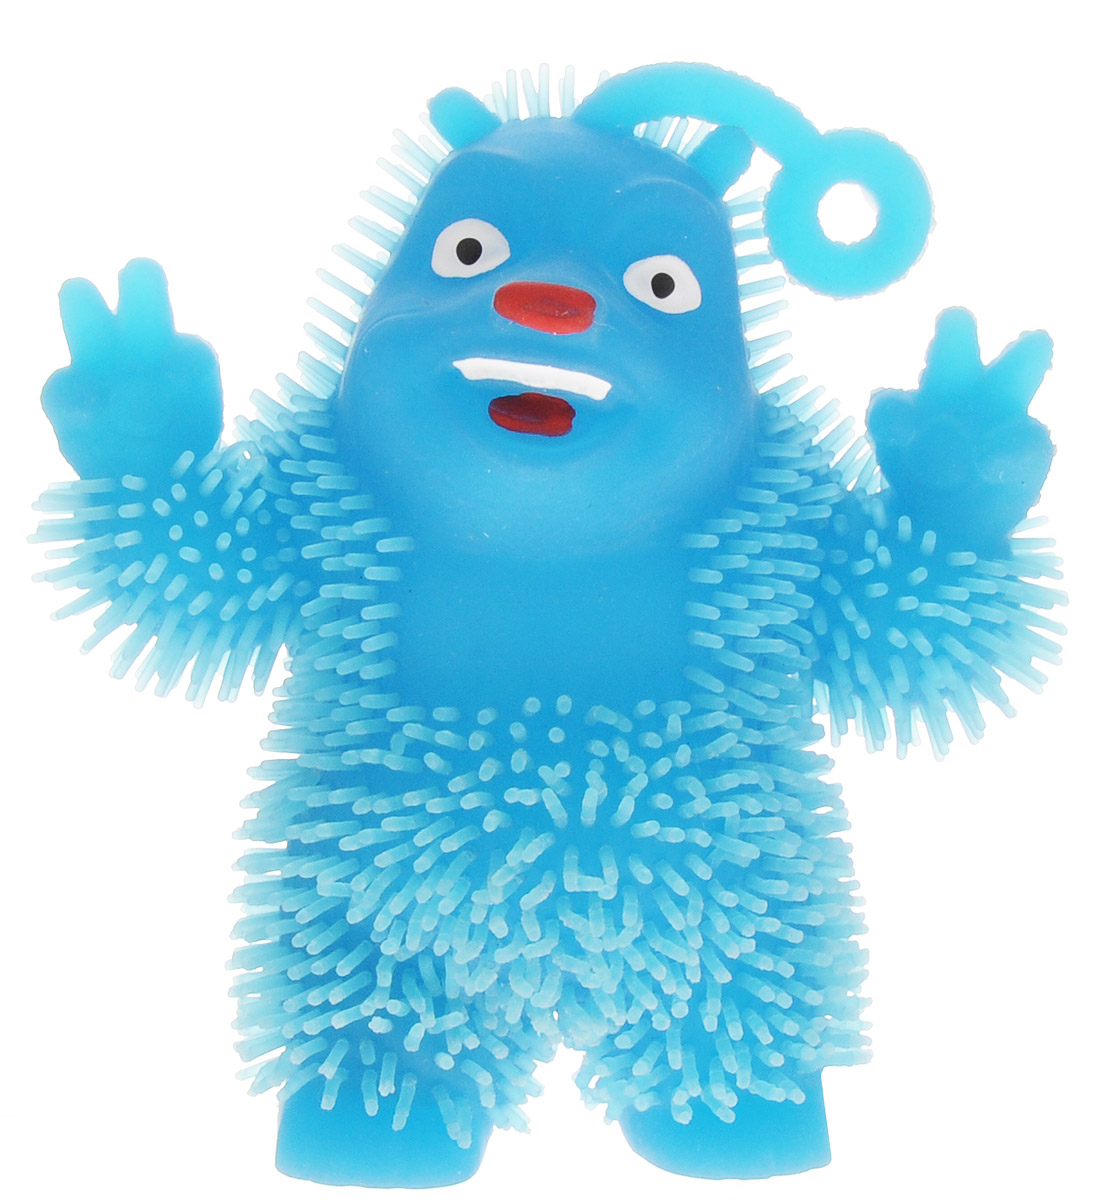 1TOY Игрушка-антистресс Ё-Ёжик Медвежонок-хиппи цвет синий 1toy игрушка антистресс ё ёжик животное цвет бежевый